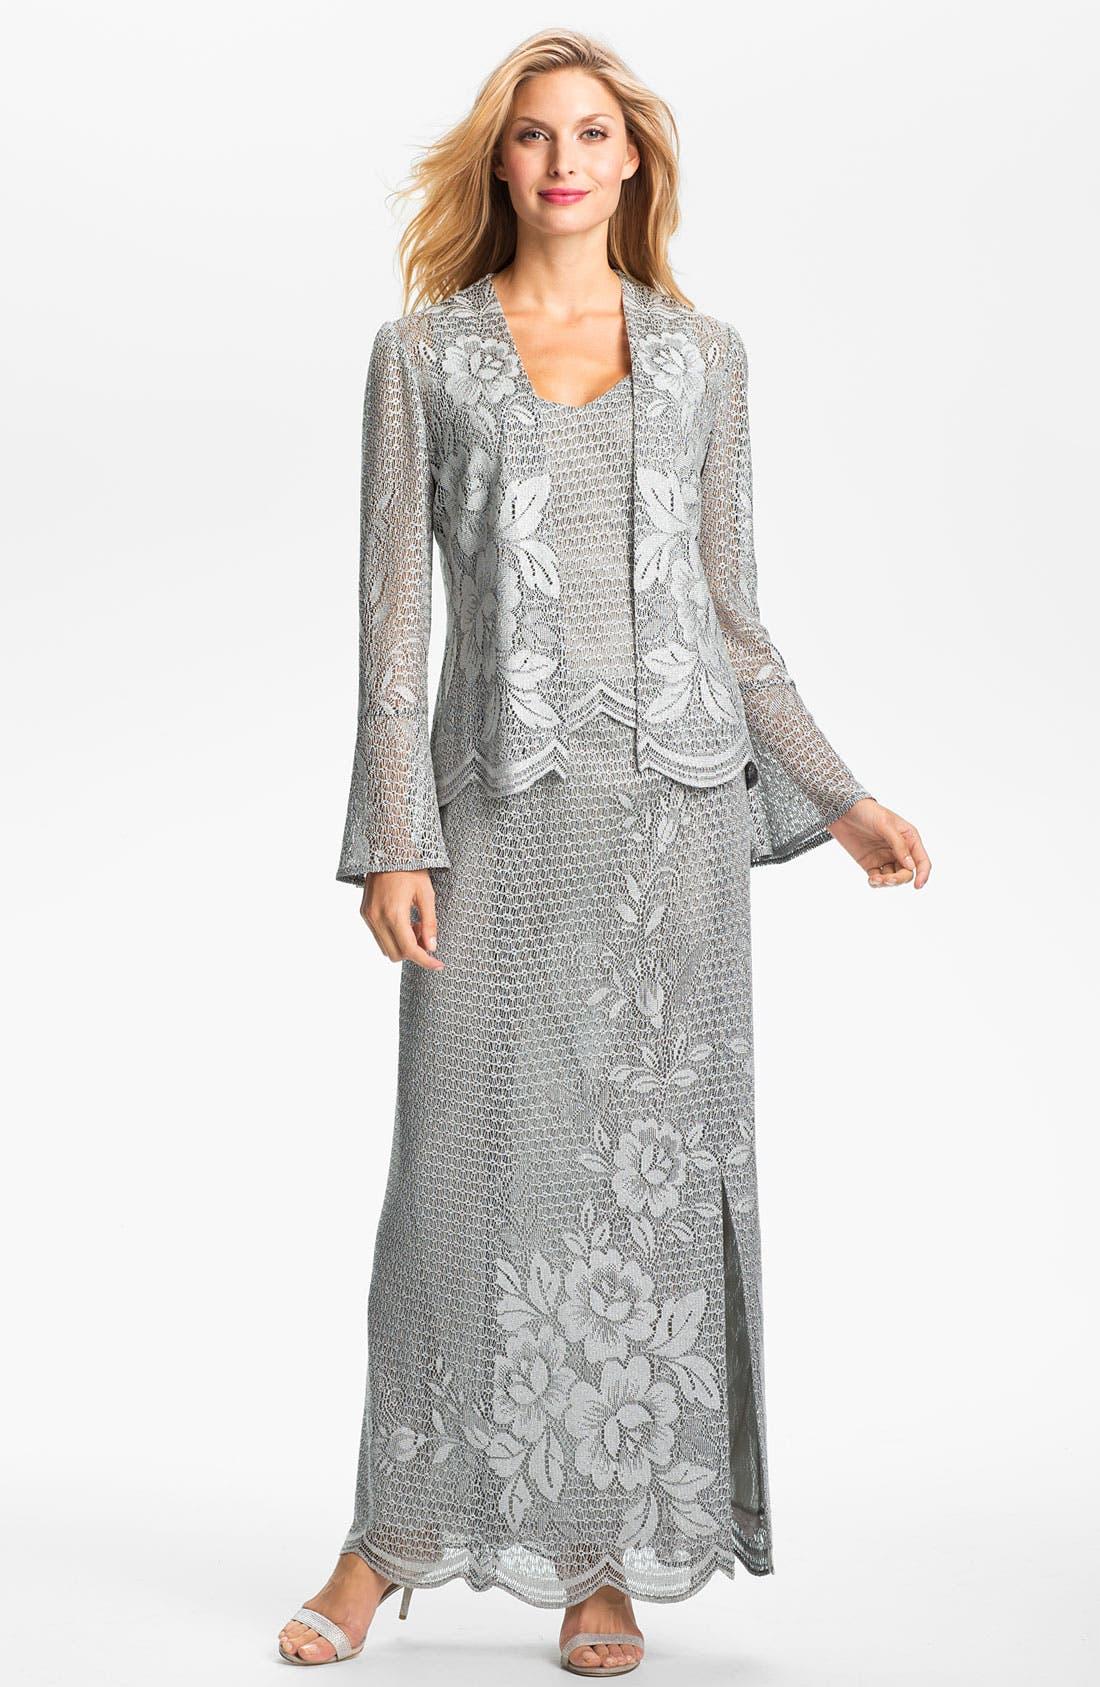 Main Image - Damianou Metallic Lace Tank, Skirt & Bell Cuff Jacket